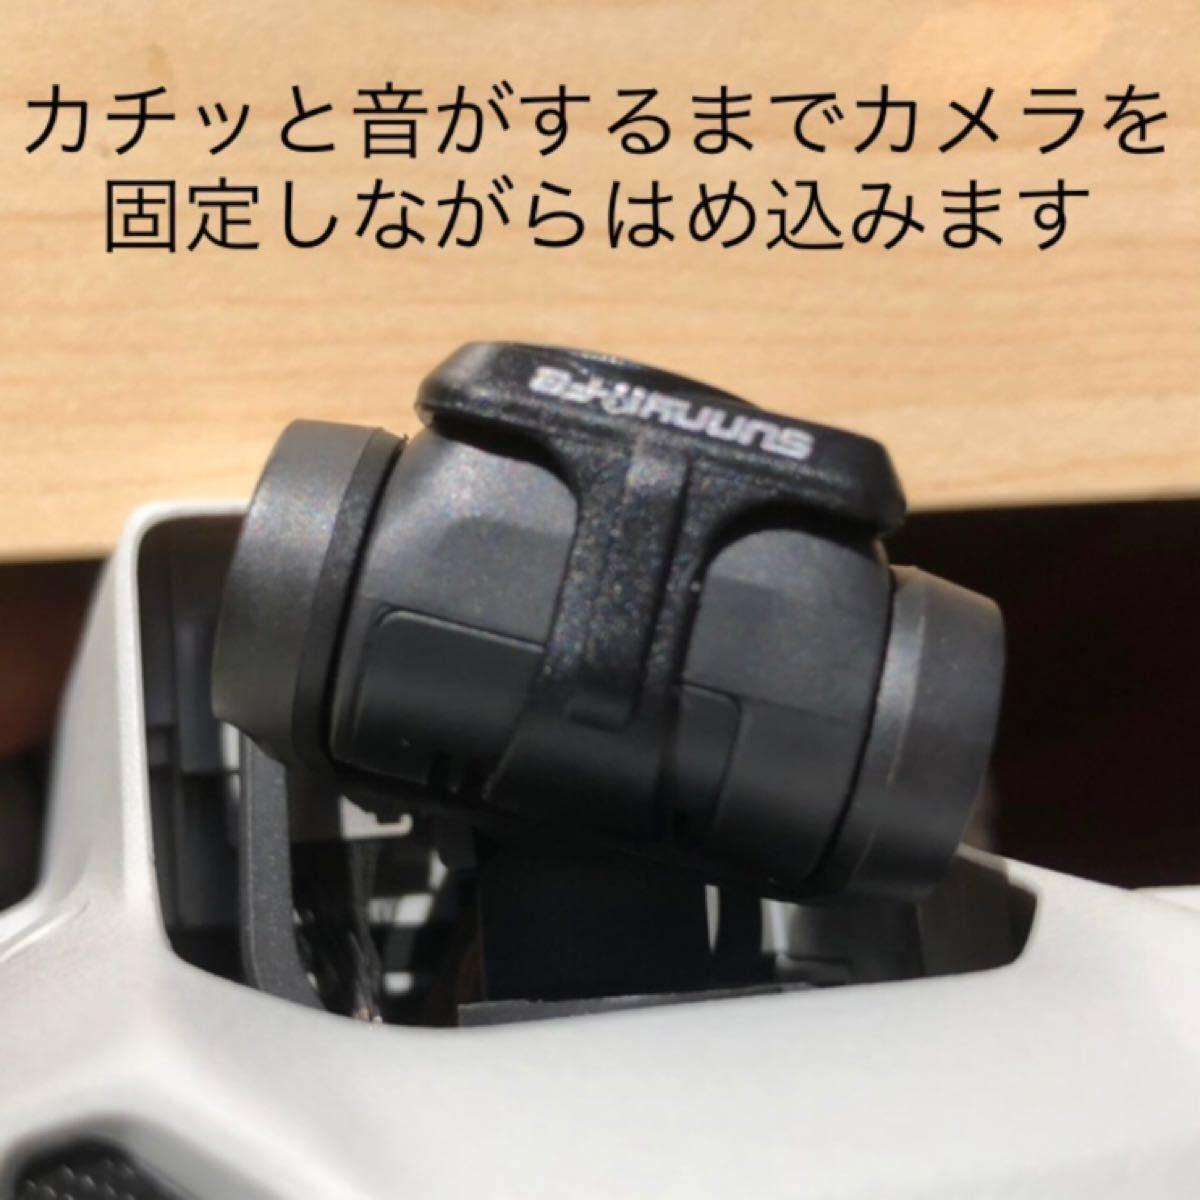 ☆ND8 レンズ フィルター ★DJI MAVIC MINI ★DJI MINI 2